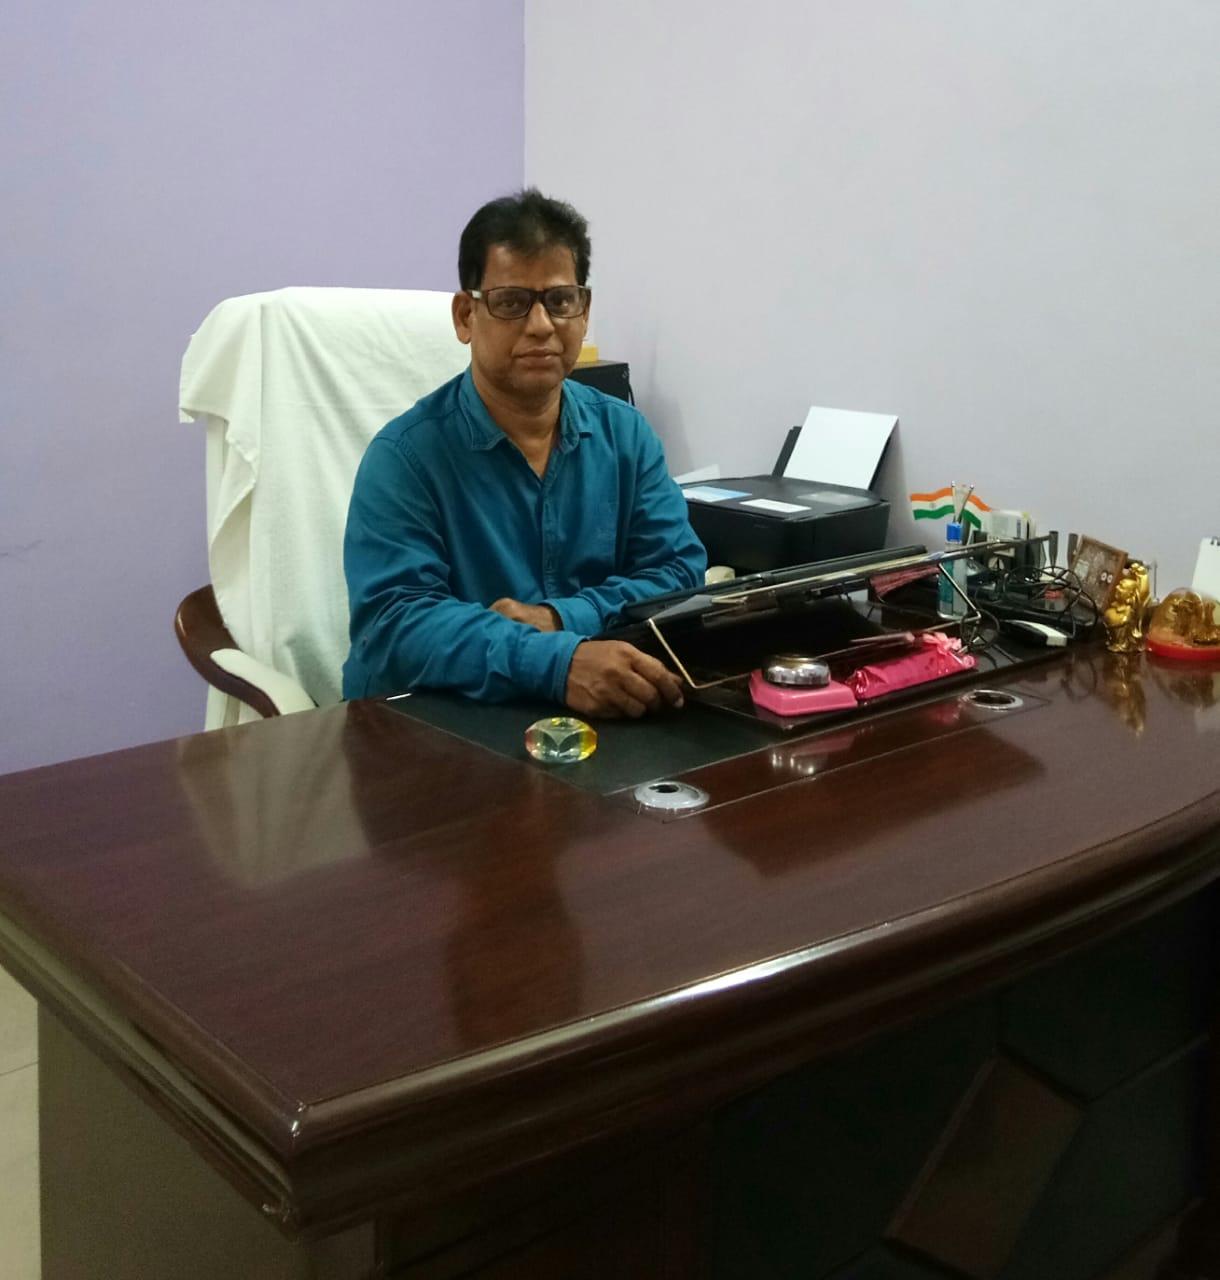 Sri Suresh Chandra Padhi